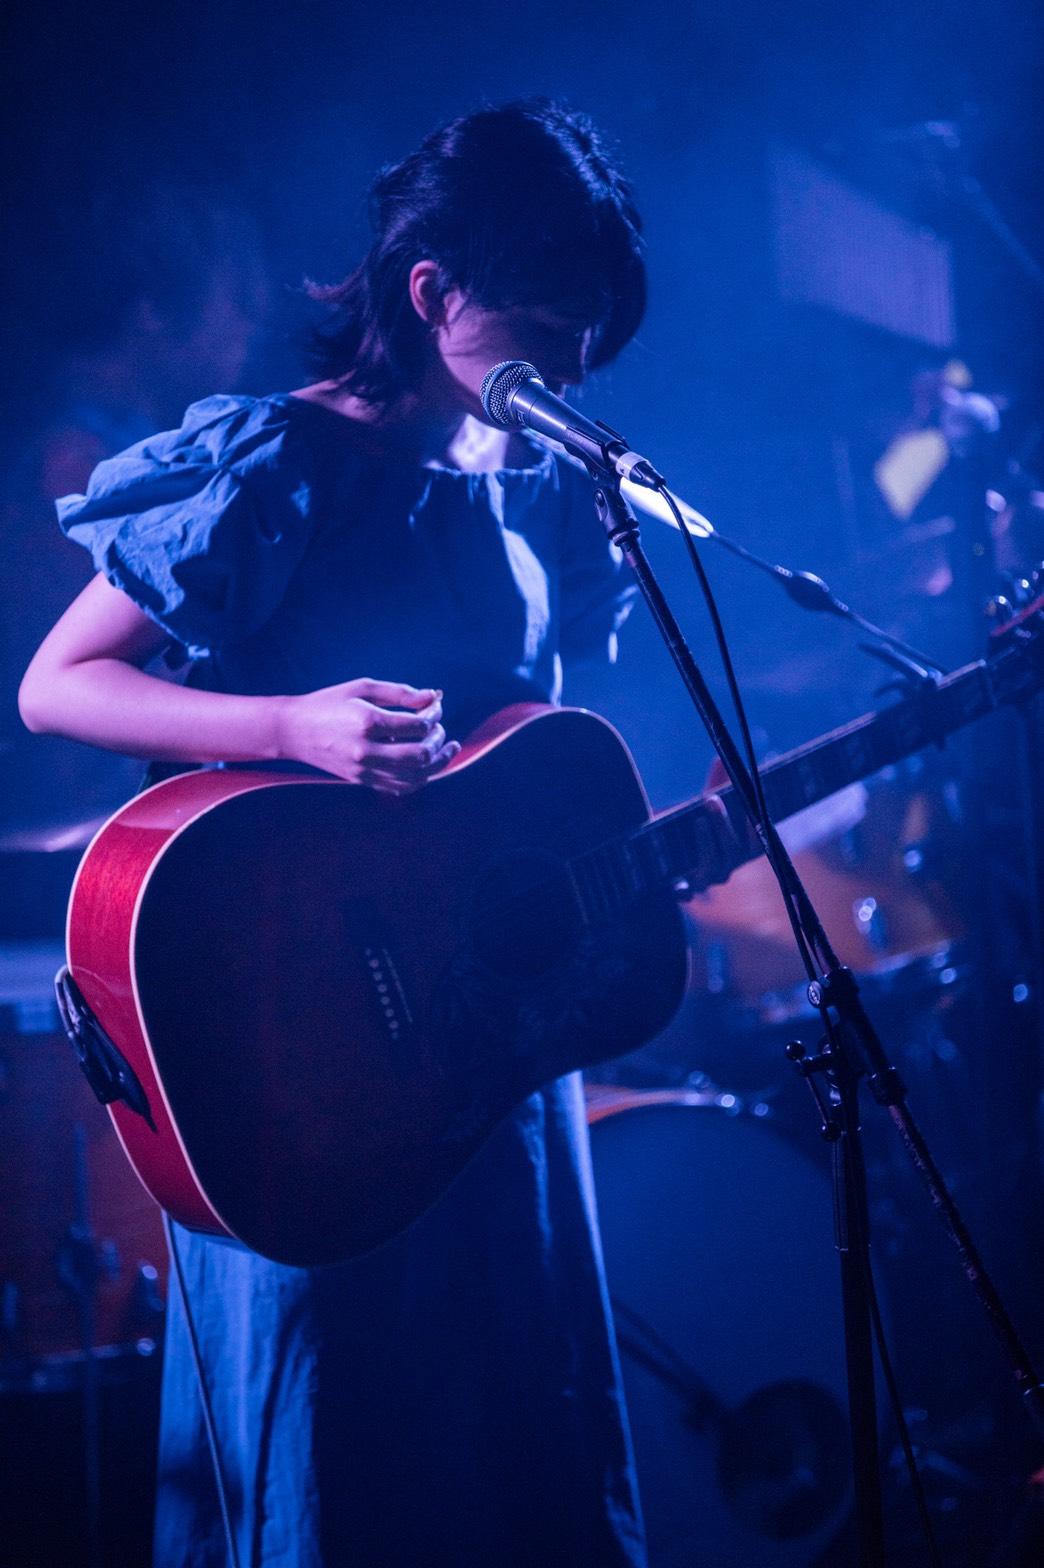 世田谷区三軒茶屋Miyakoda guitar schoolボイストレーニング、ボーカル担当講師の実咲